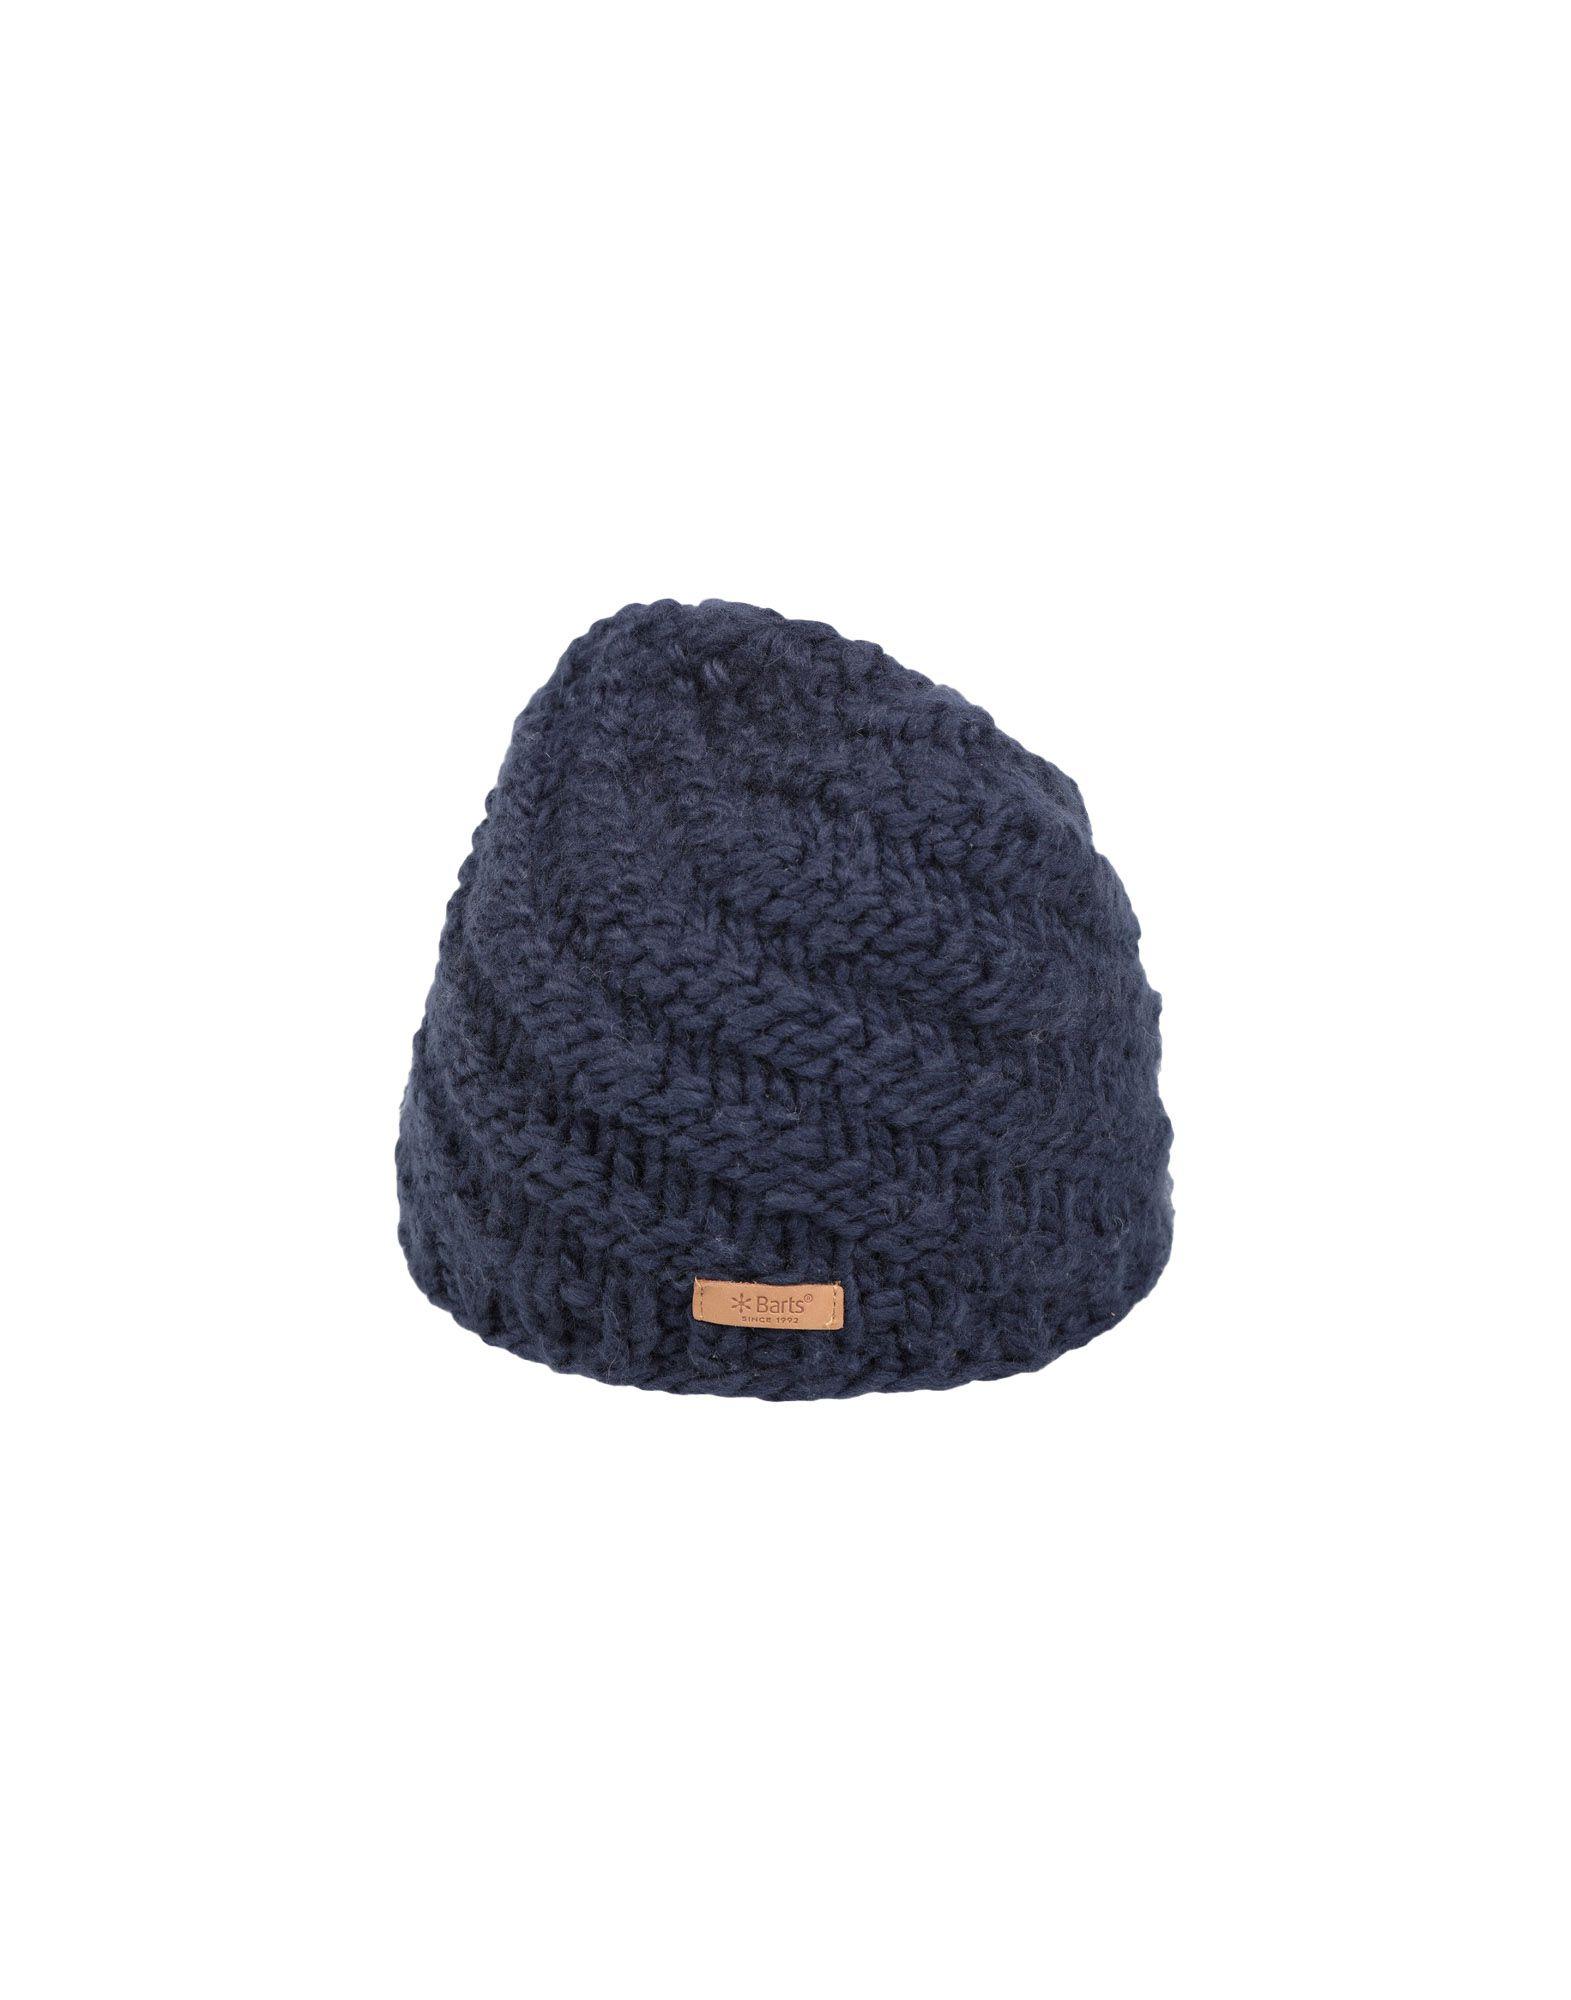 《送料無料》BARTS レディース 帽子 ダークブルー one size アクリル 100%